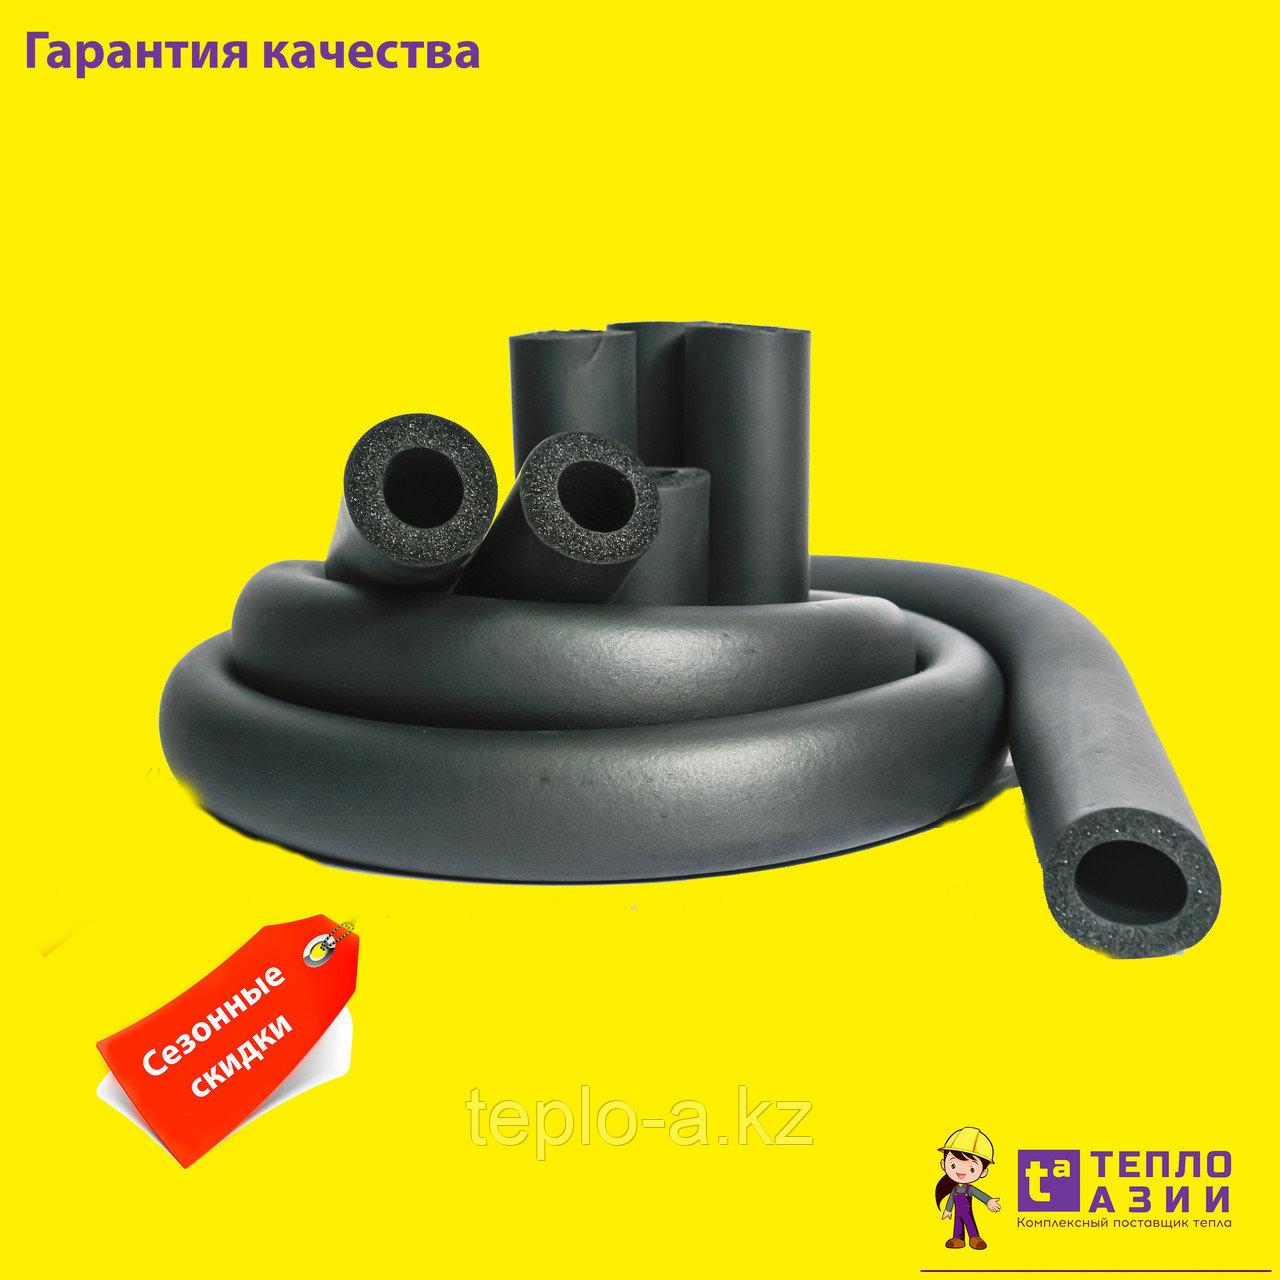 Каучуковая трубчатая изоляция Misot-Flex St  9 *114 mm.